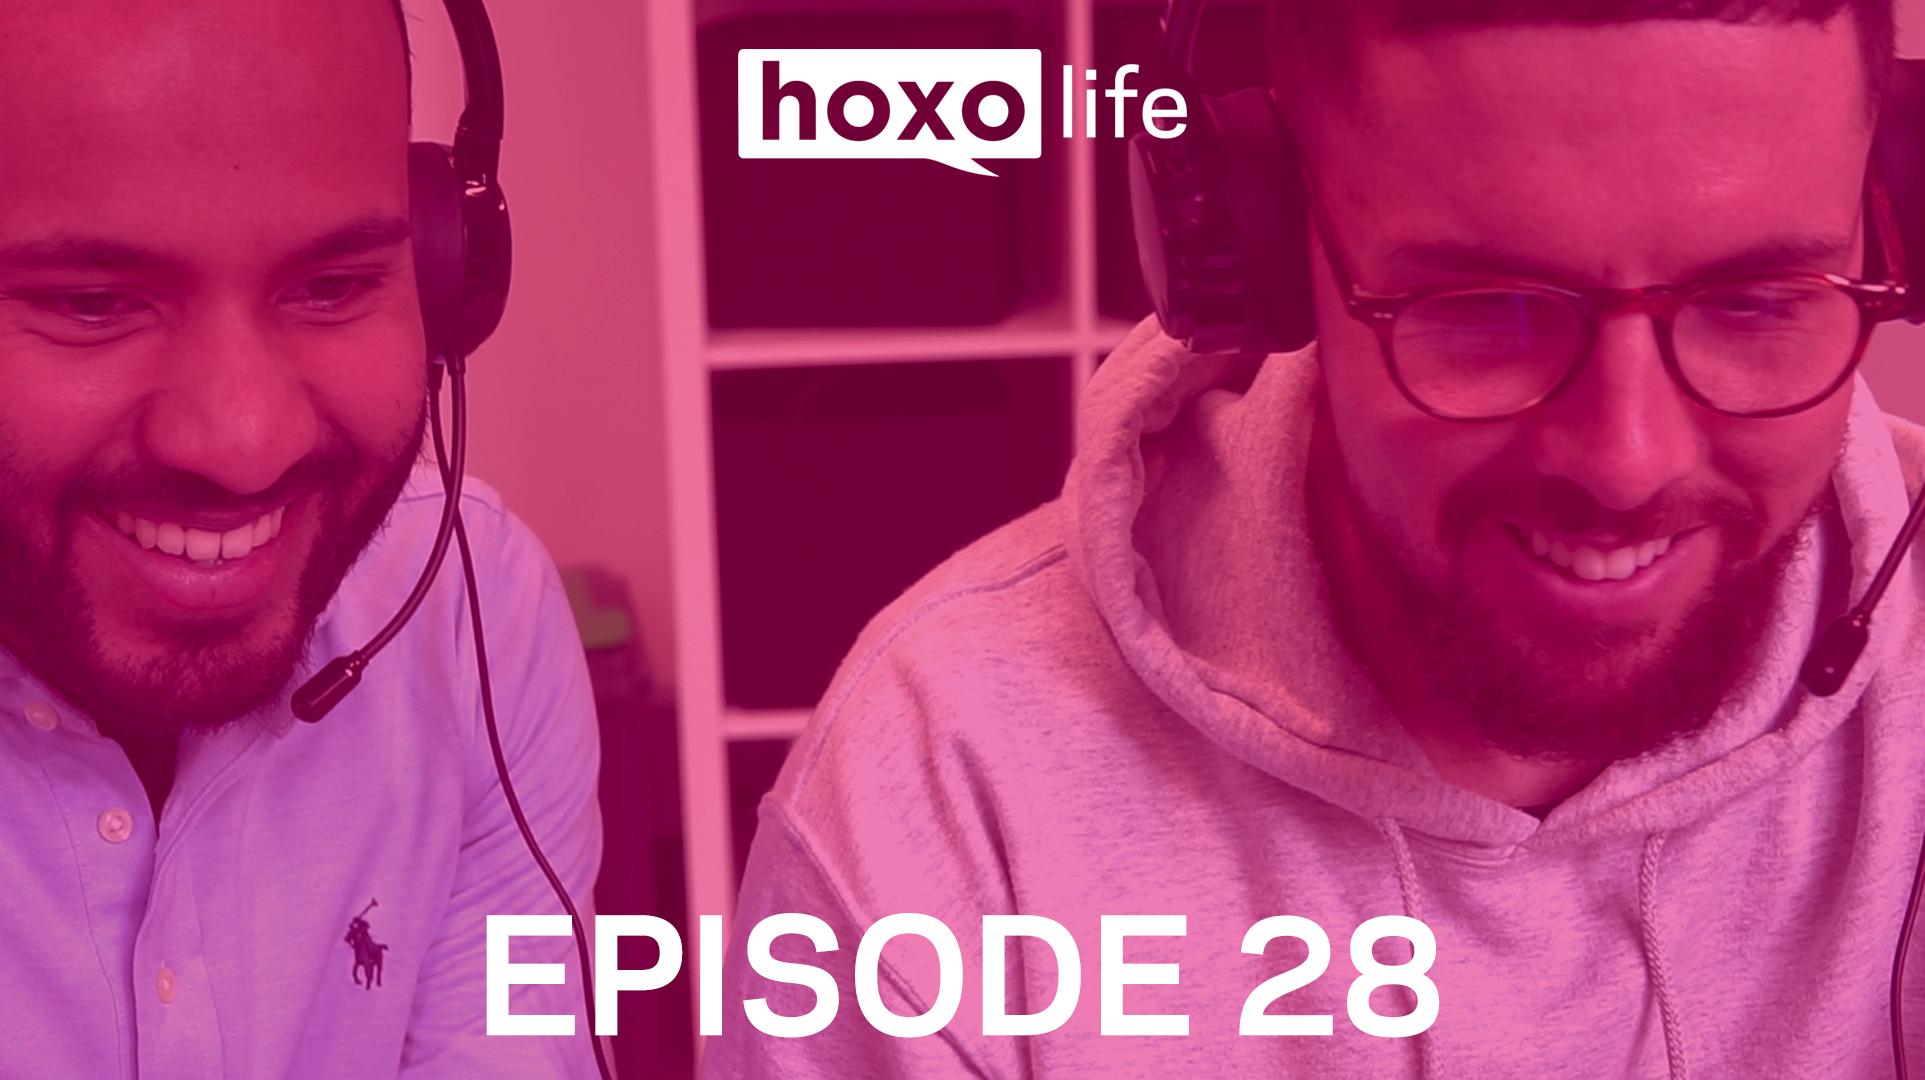 Hoxo Life 28 MAIN MAIN MAIN